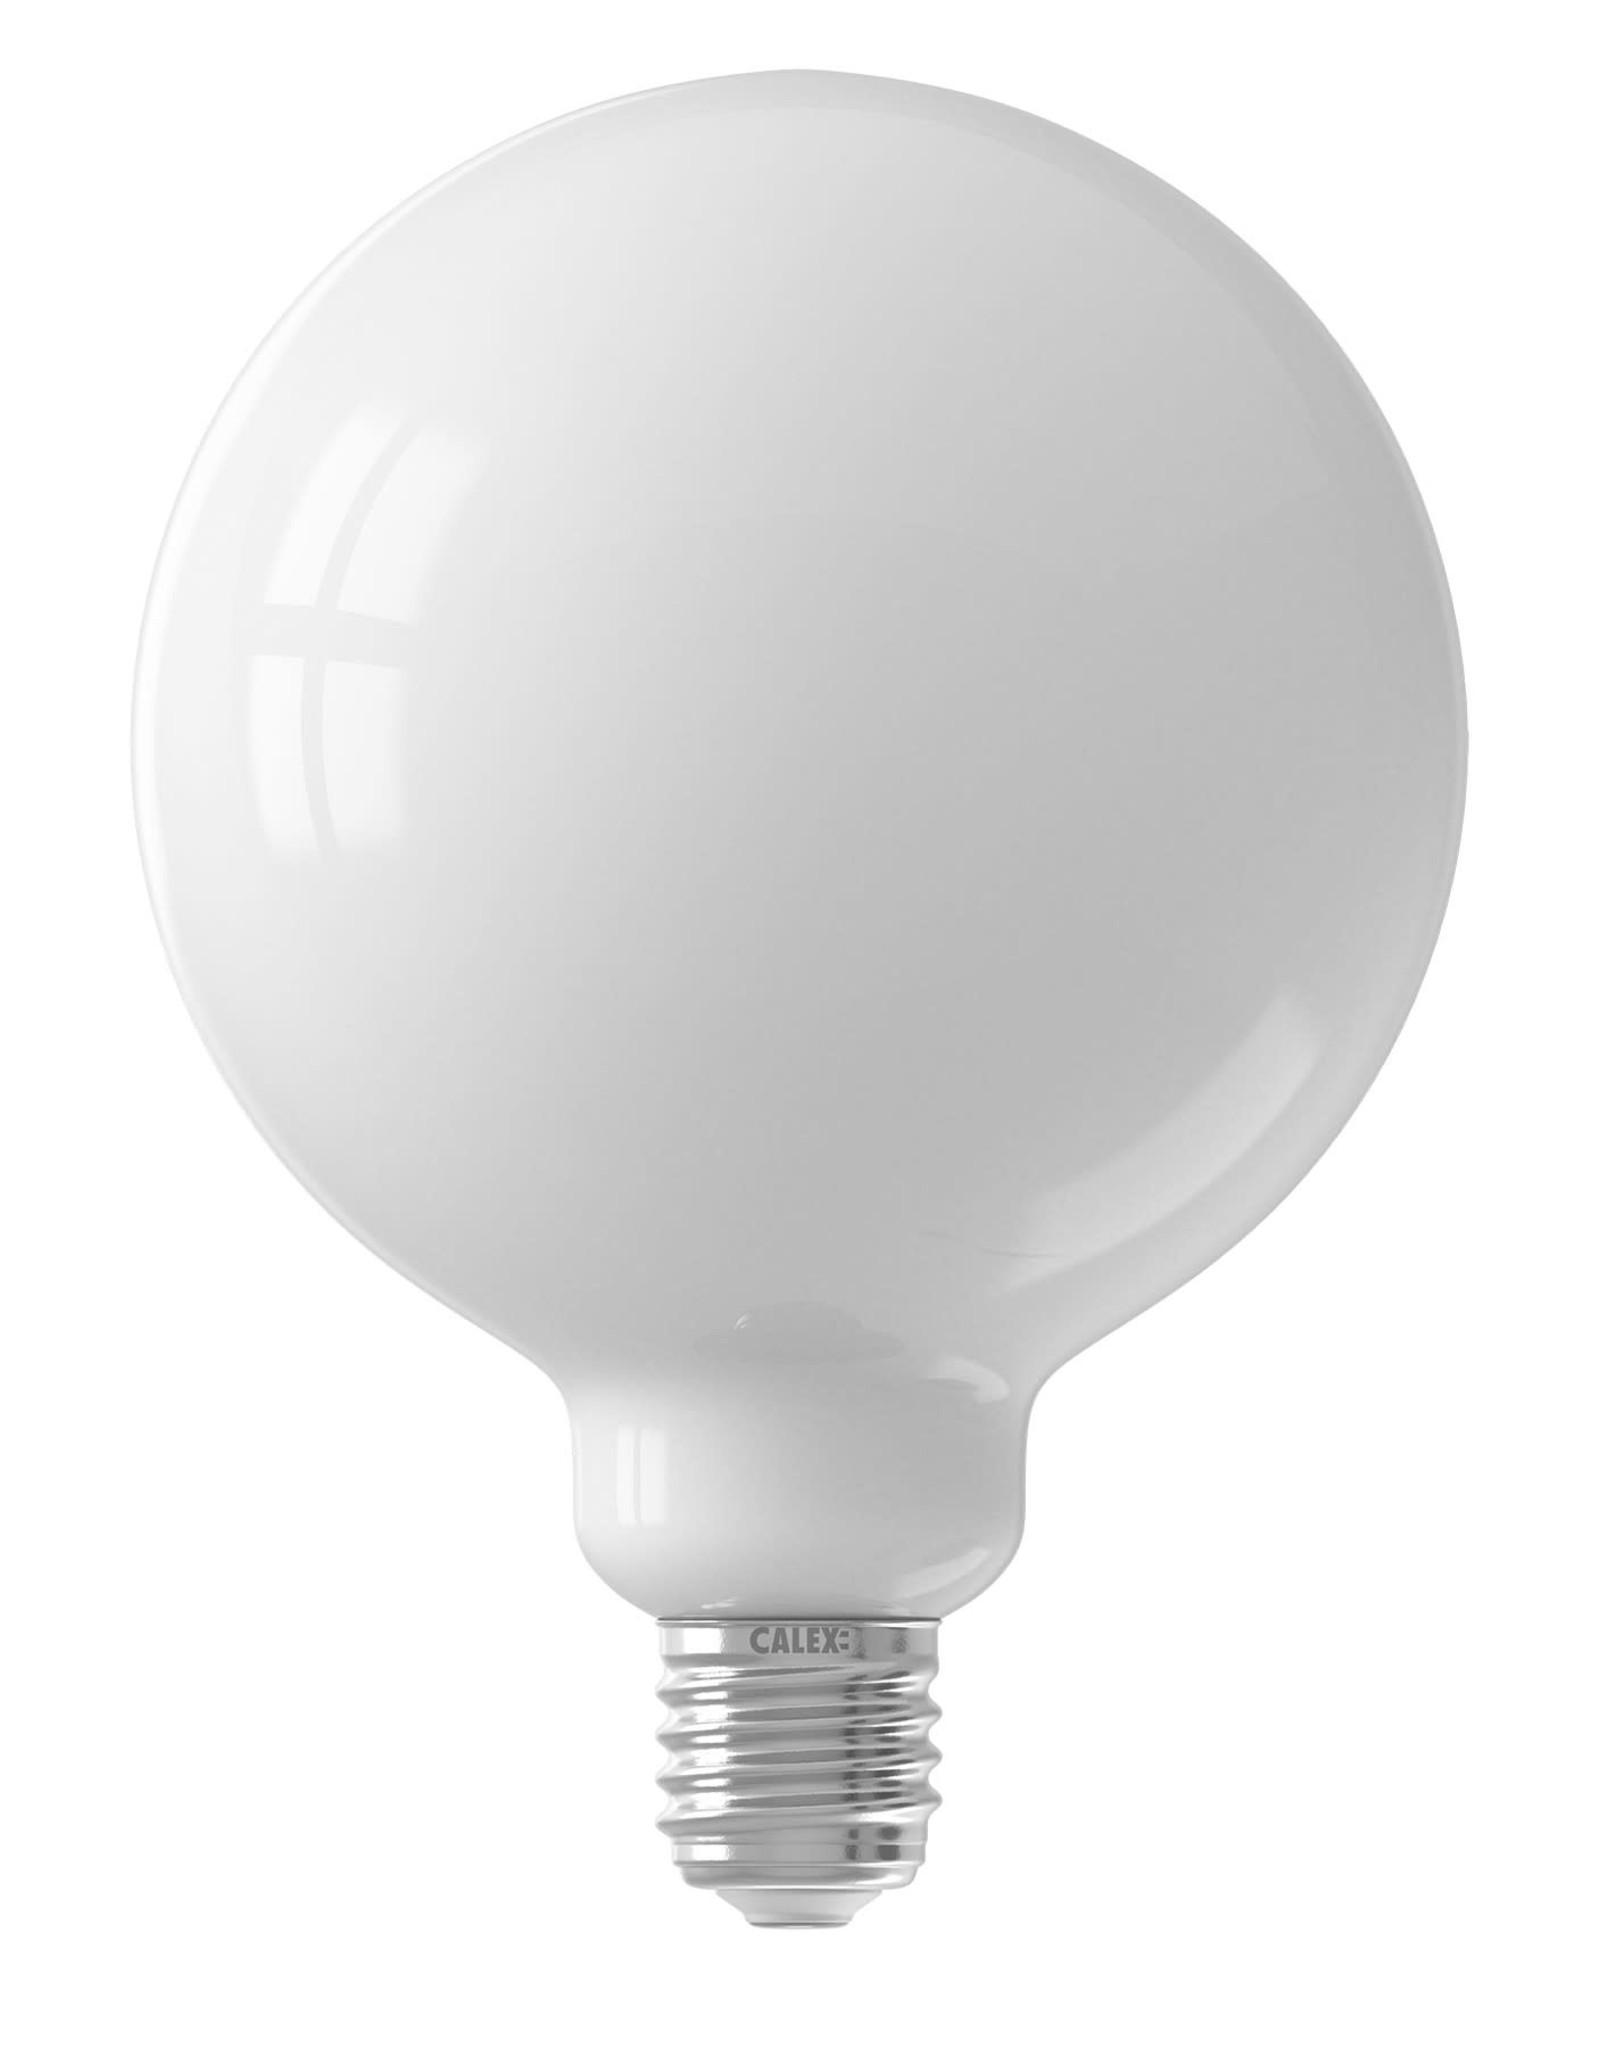 Calex Calex Smart LED Filament Softline Globelamp G125 E27 220-240V 7,5W 1055lm 2200-4000K